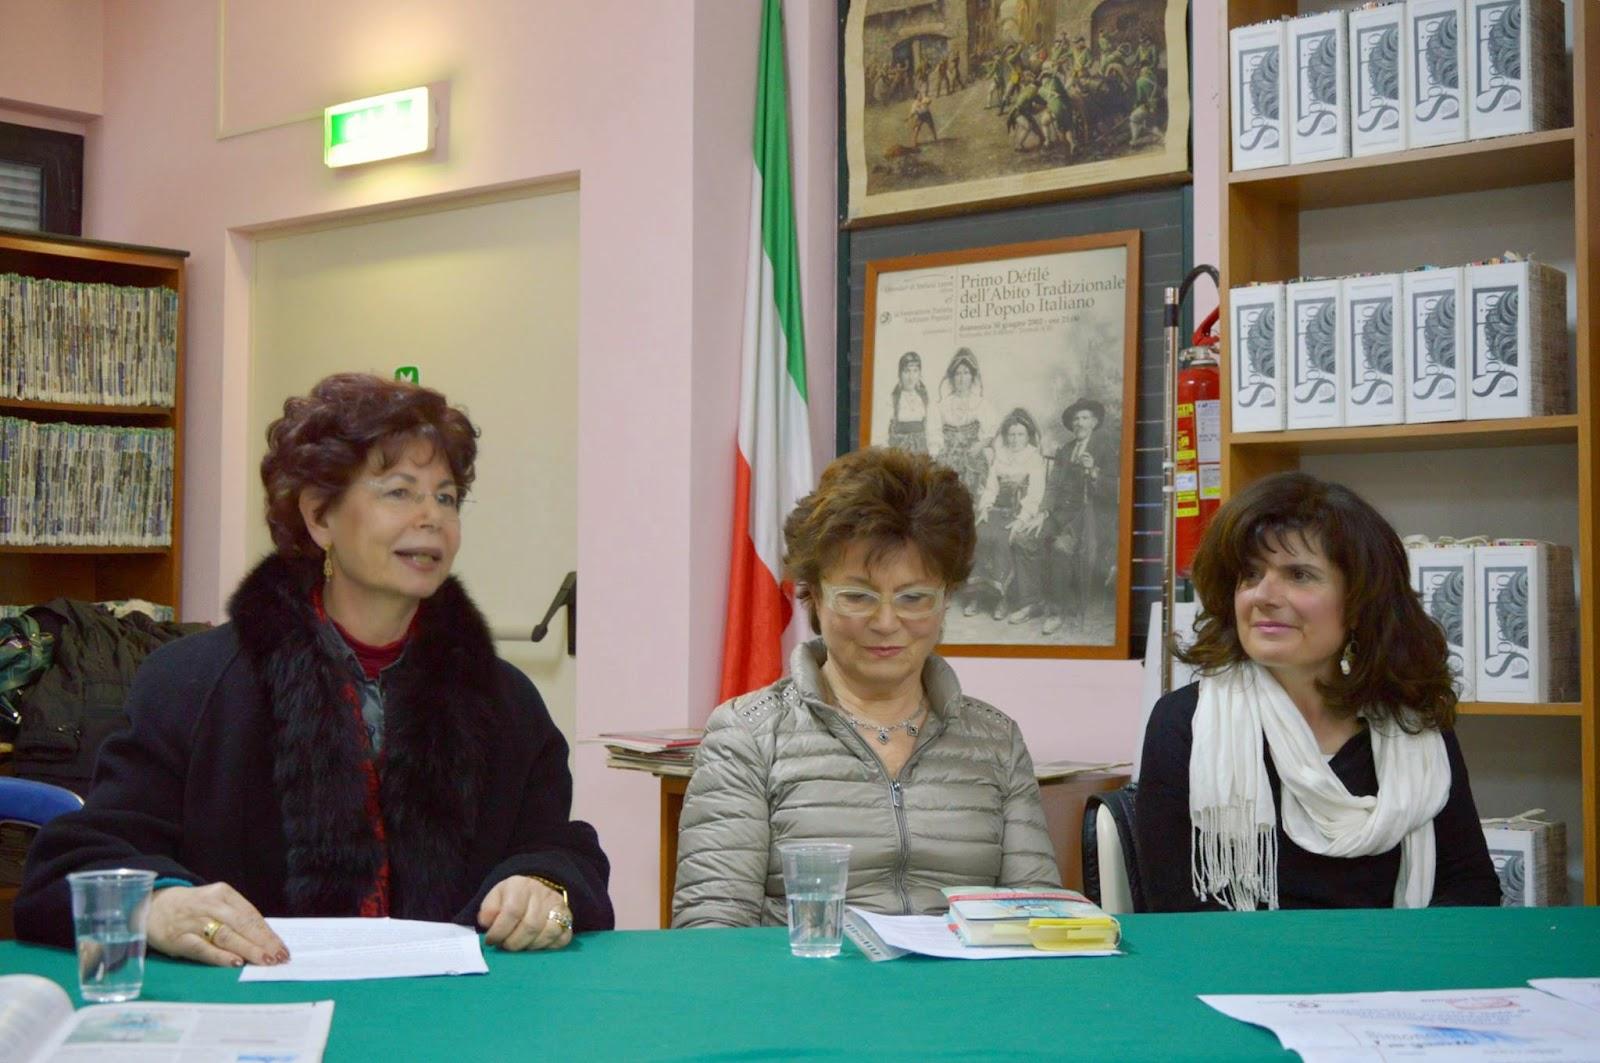 CULTURA – Adotta un autore, riconoscimento dovuto alla scrittrice Rita Frattolillo